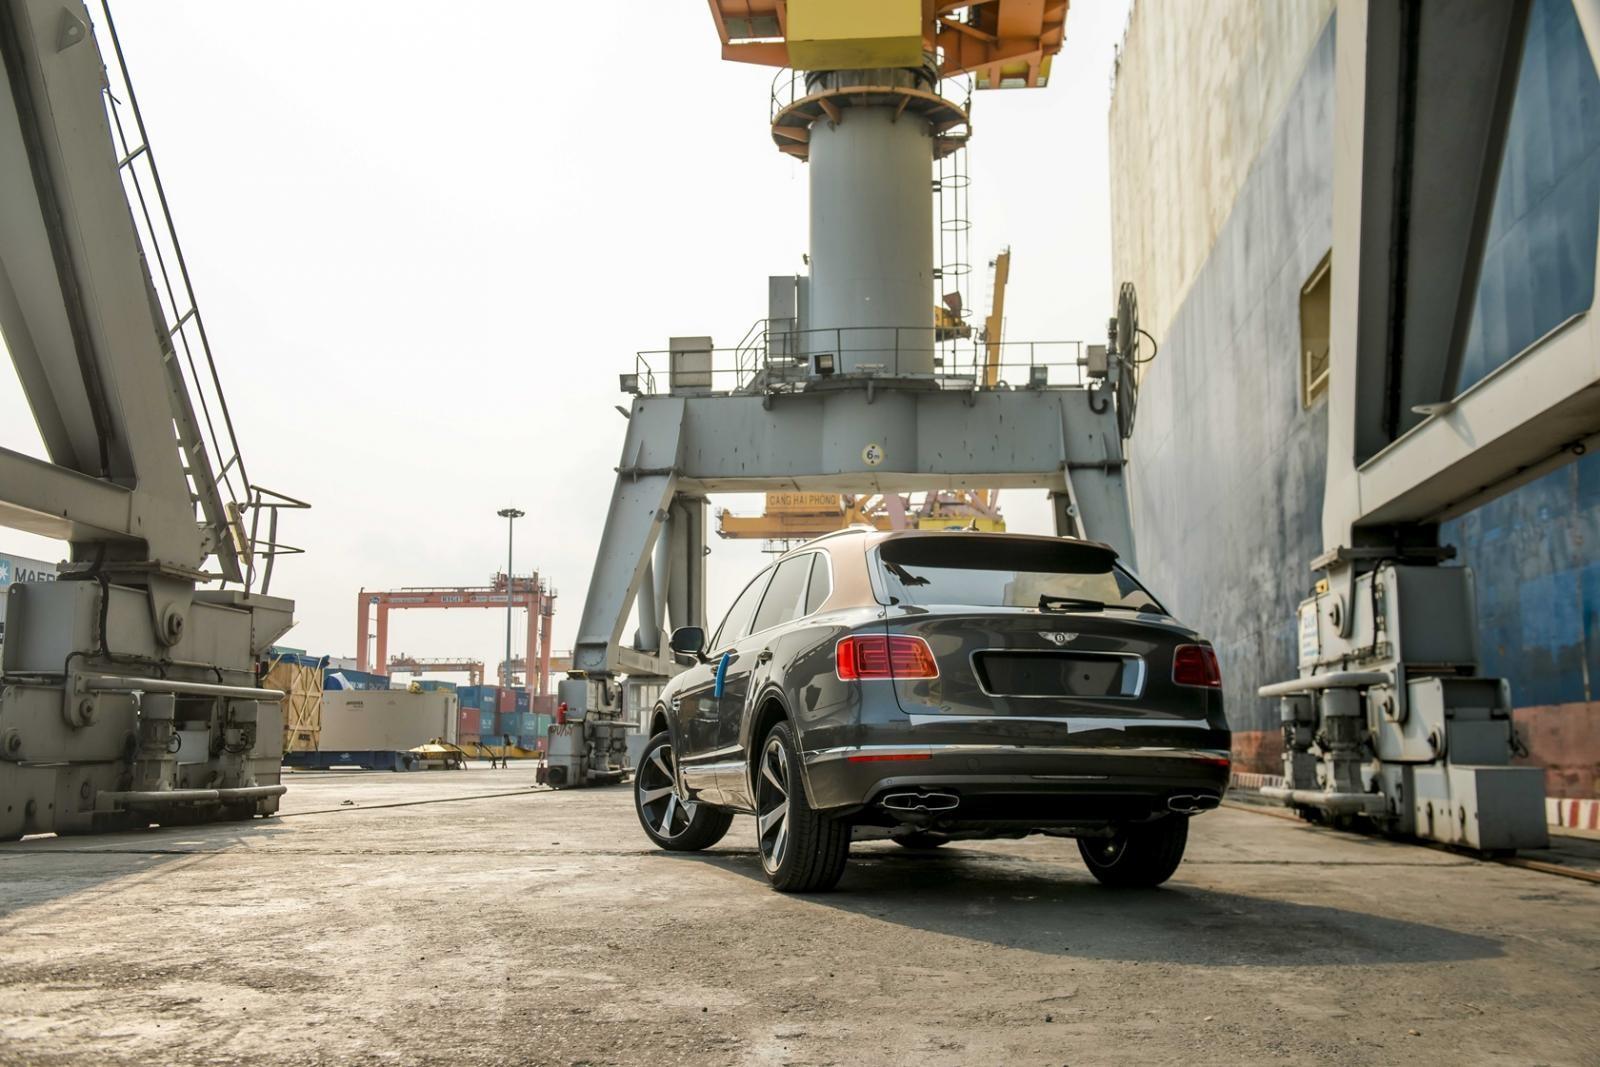 nửa thân dưới của chiếc SUV siêu sang Bentley Bentayga V8 phiên bản kỷ niệm 100 năm được hoàn thành với màu sơn xám Magnetic